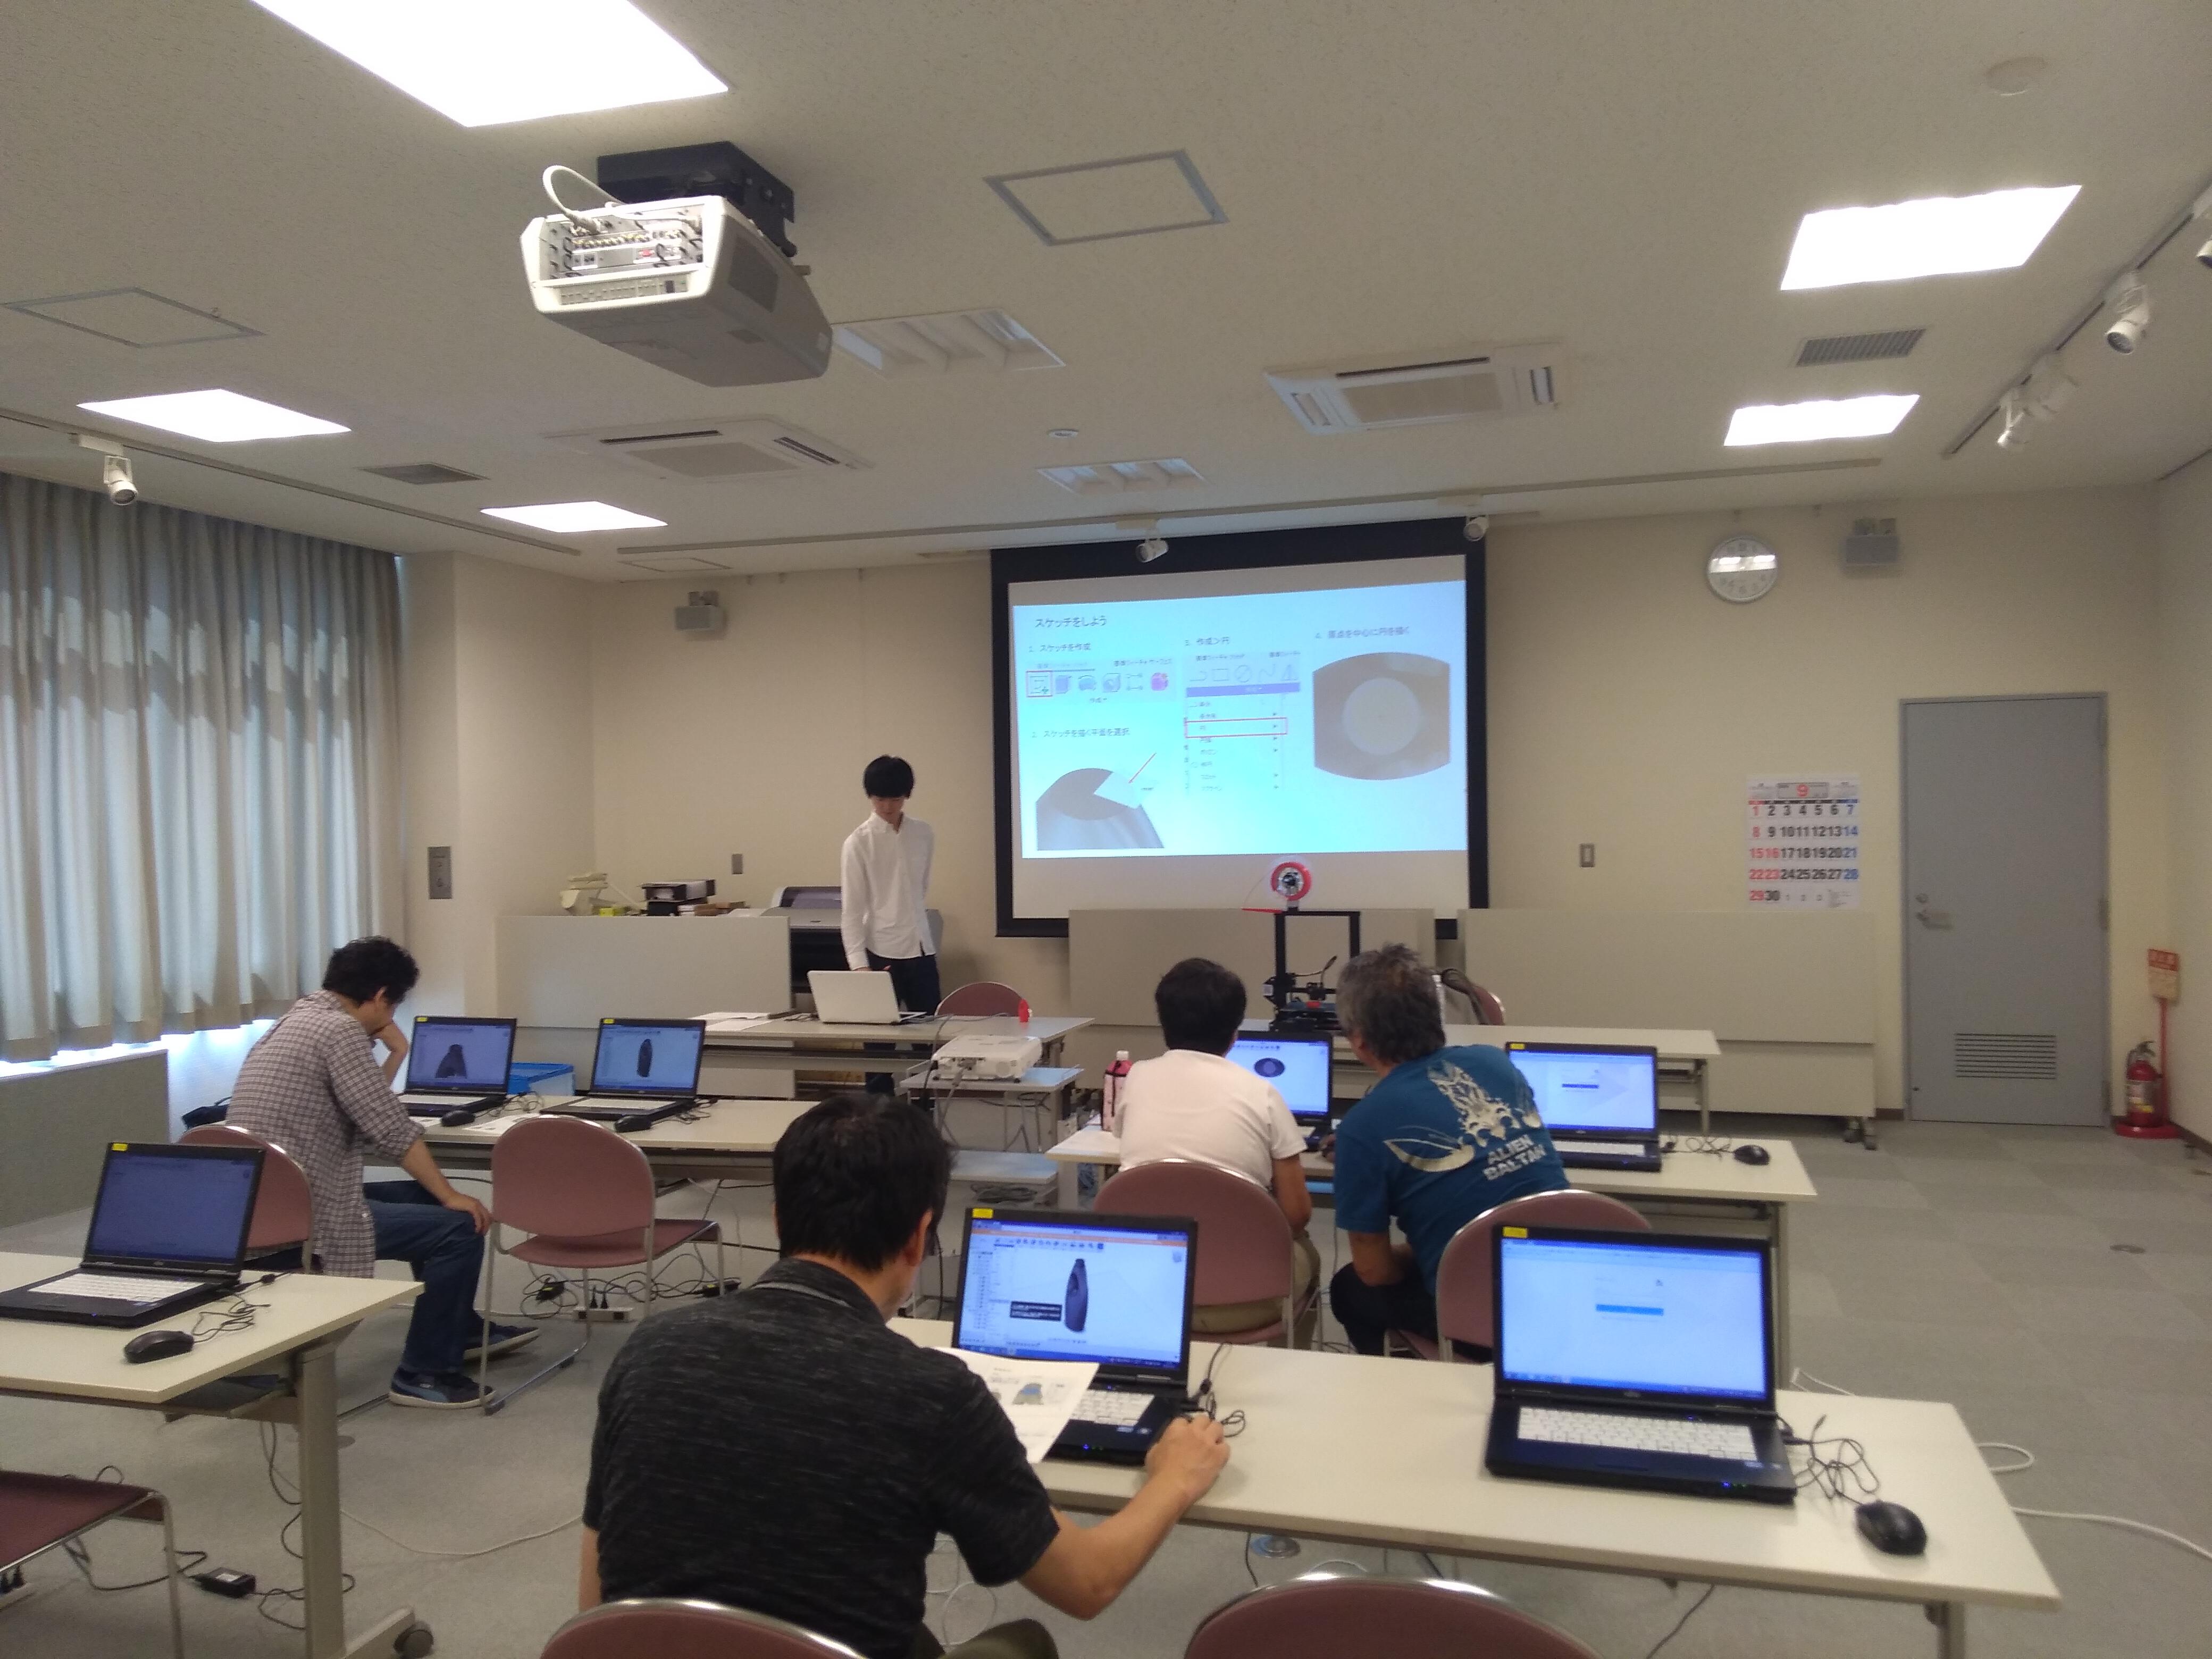 【第2回】3DCAD・3Dプリンター入門講座(全3回) @ フェライト子ども科学館 or オンライン受講